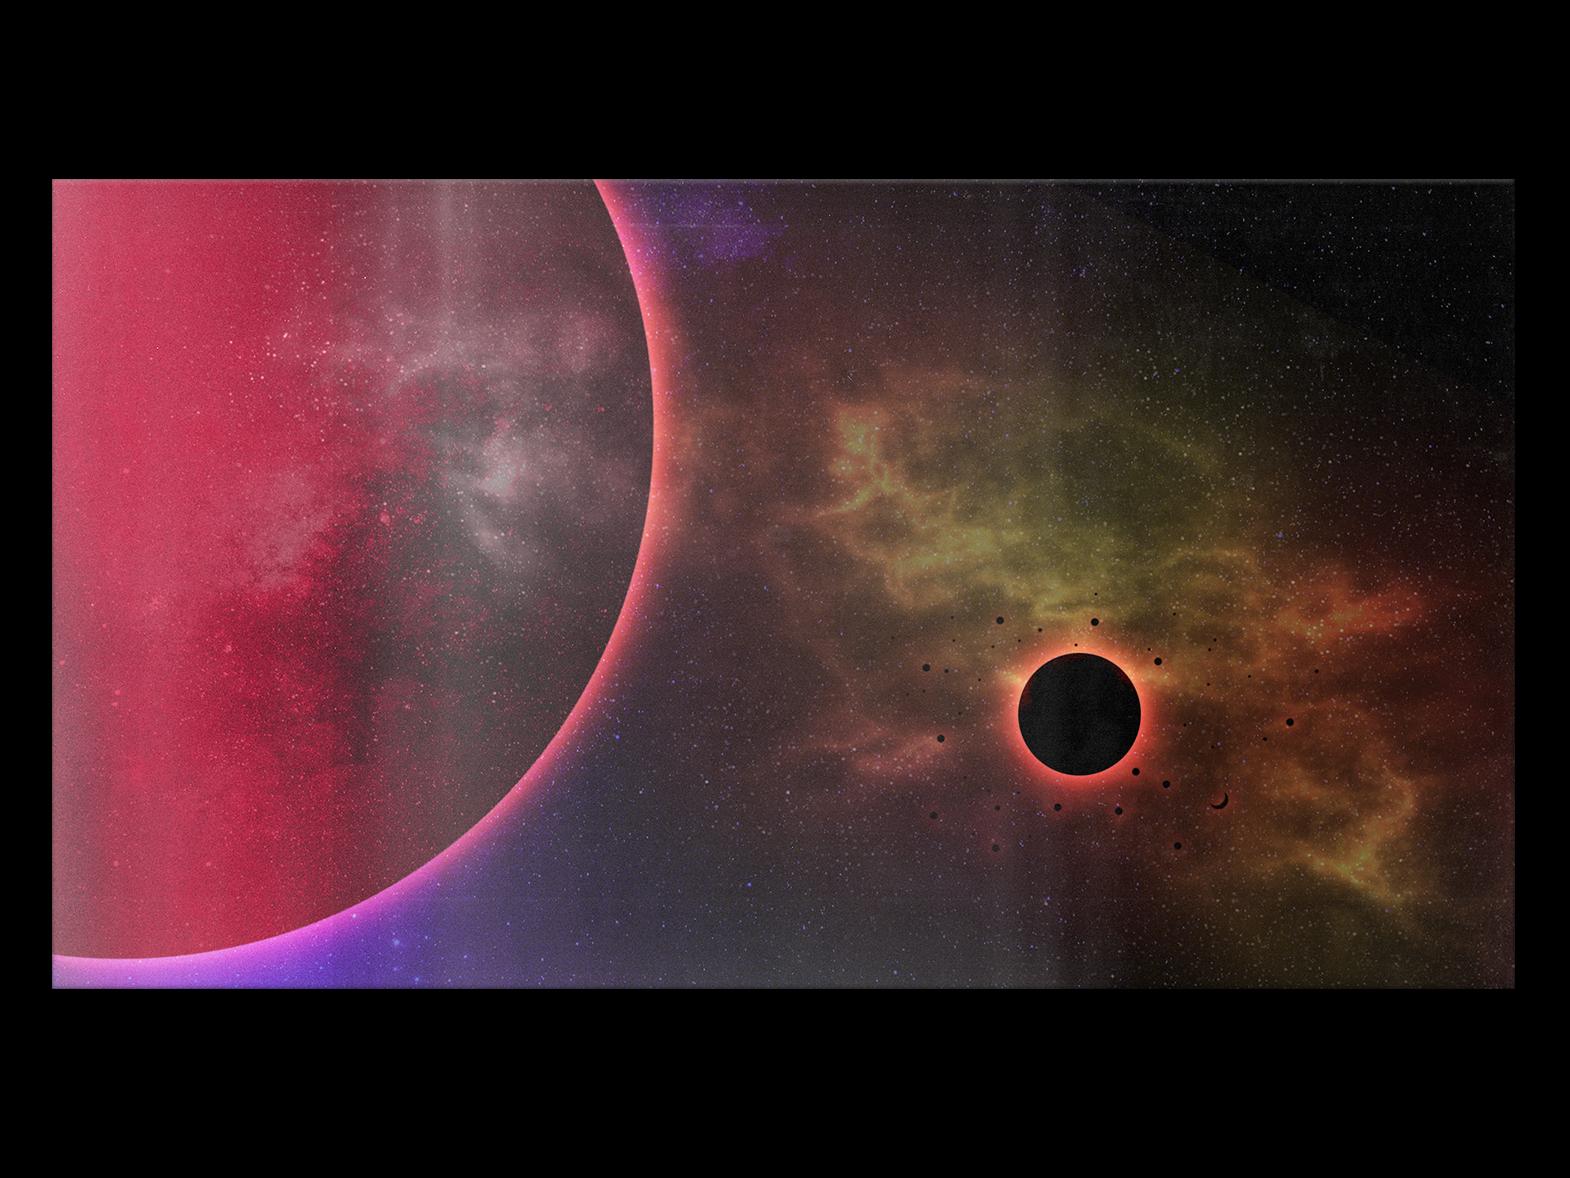 αστρικό ουρανό photoshop black hole stars calm neon space light gradiant album cover design album cover album artwork album art album color illustration design lachute